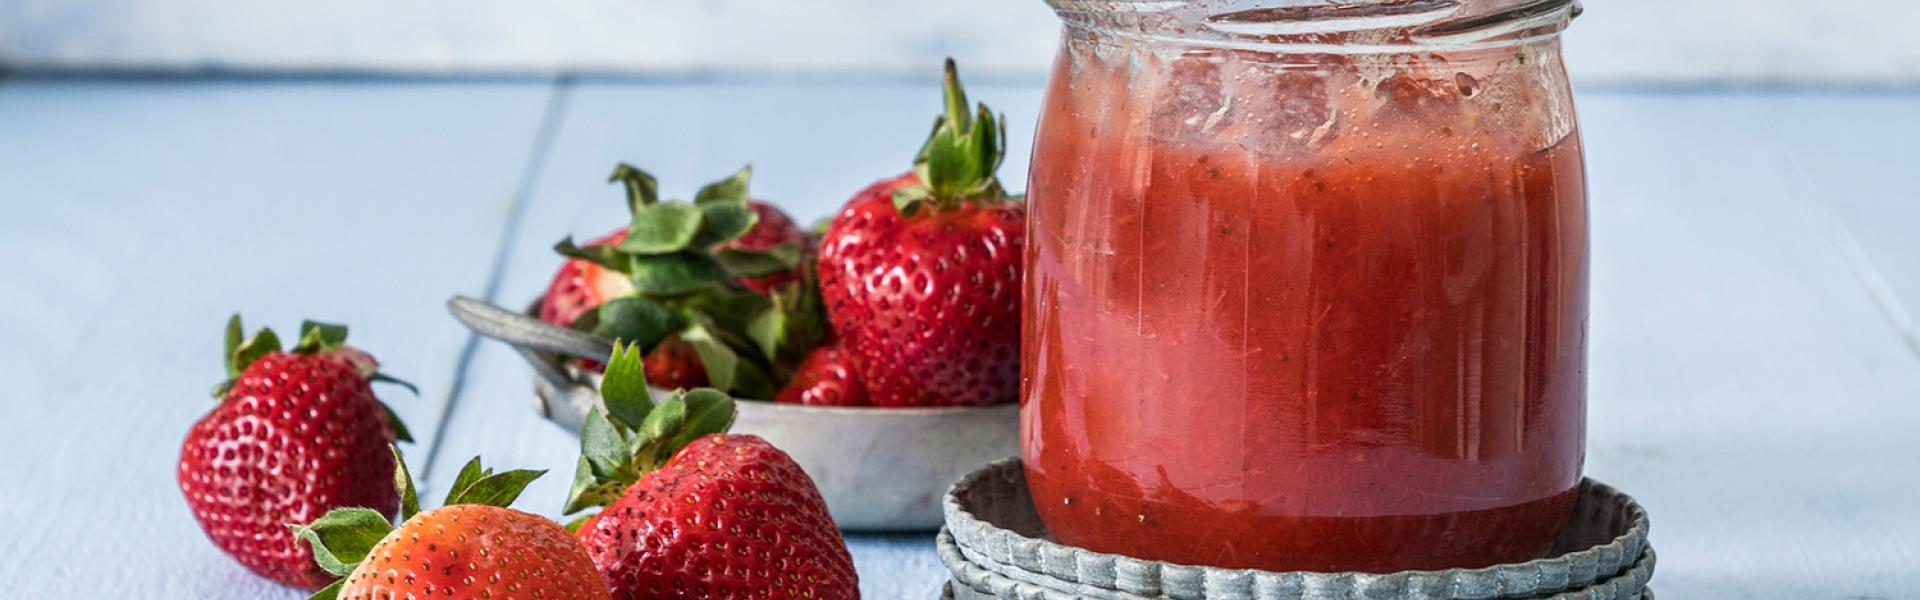 Erdbeermarmelade ohne Zucker in einem Glas mit Löffel, daneben Erdbeeren.